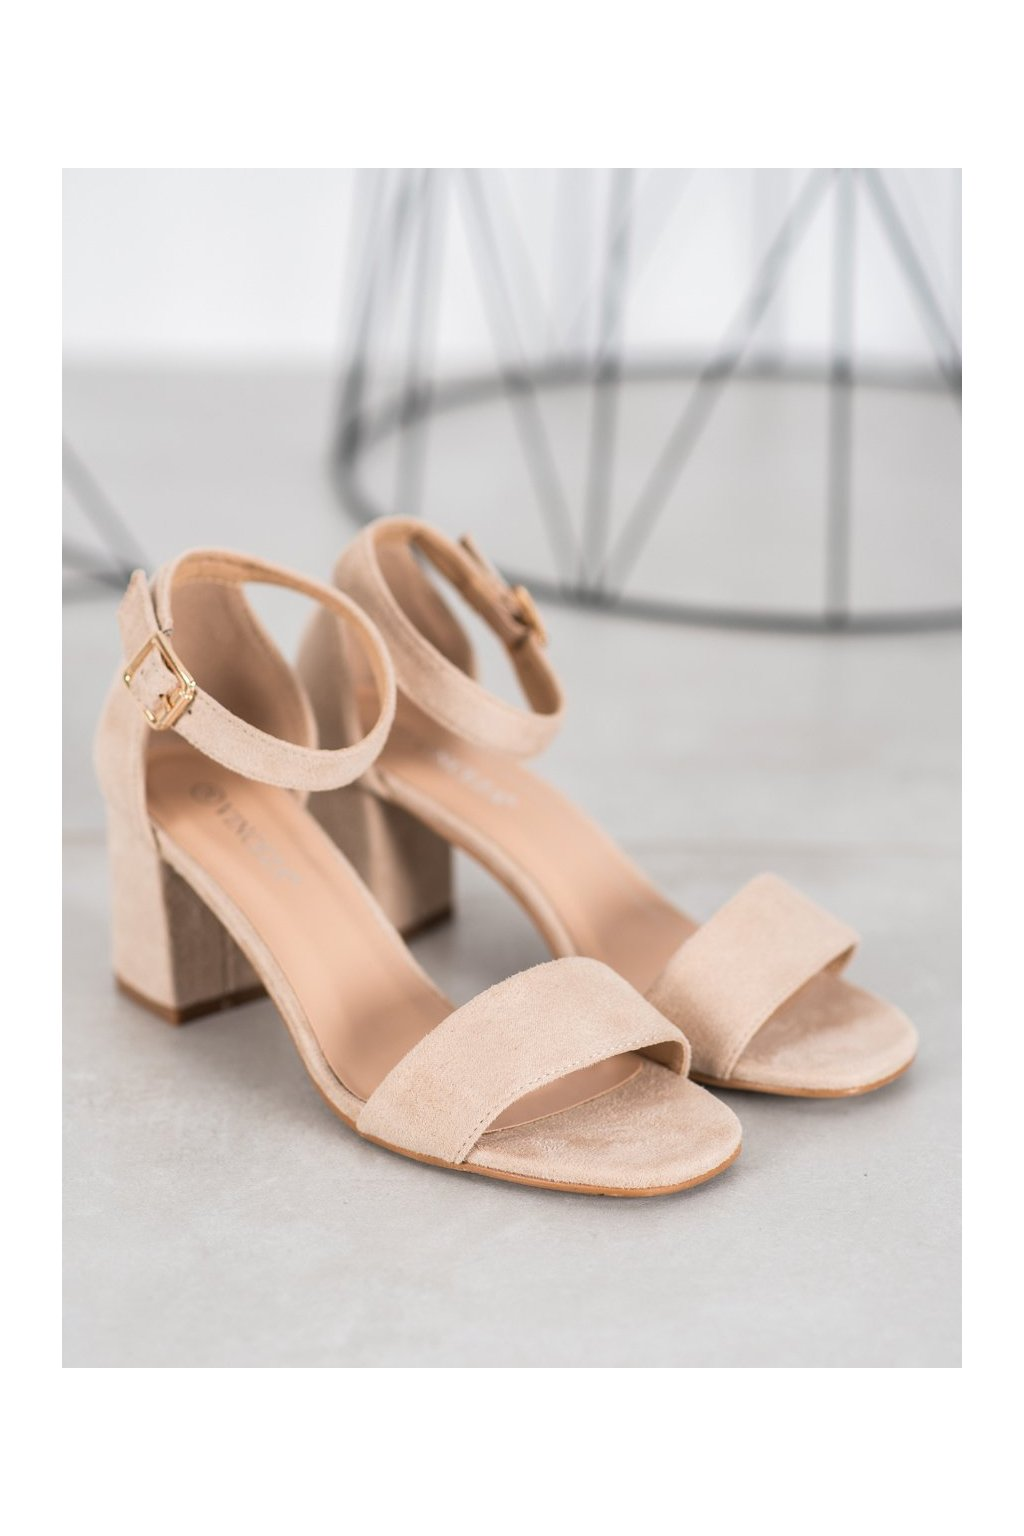 Hnedé sandále Vinceza kod YQE20-17058BE